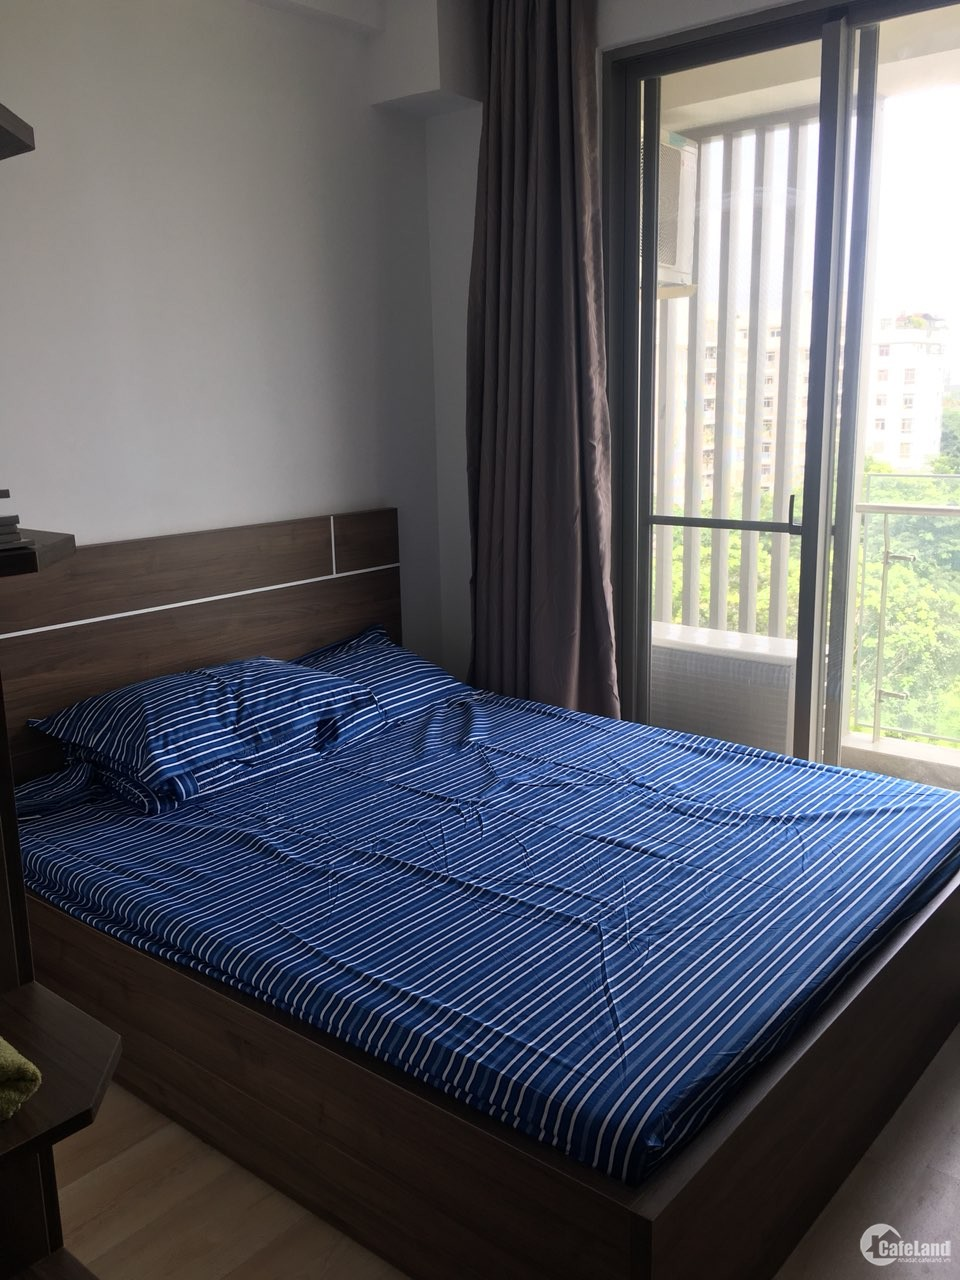 Duy nhất 1 căn hộ Hưng Phúc 78m2- 2pn,2wc. Nội thất cao cấp. Gía cho thuê 750$